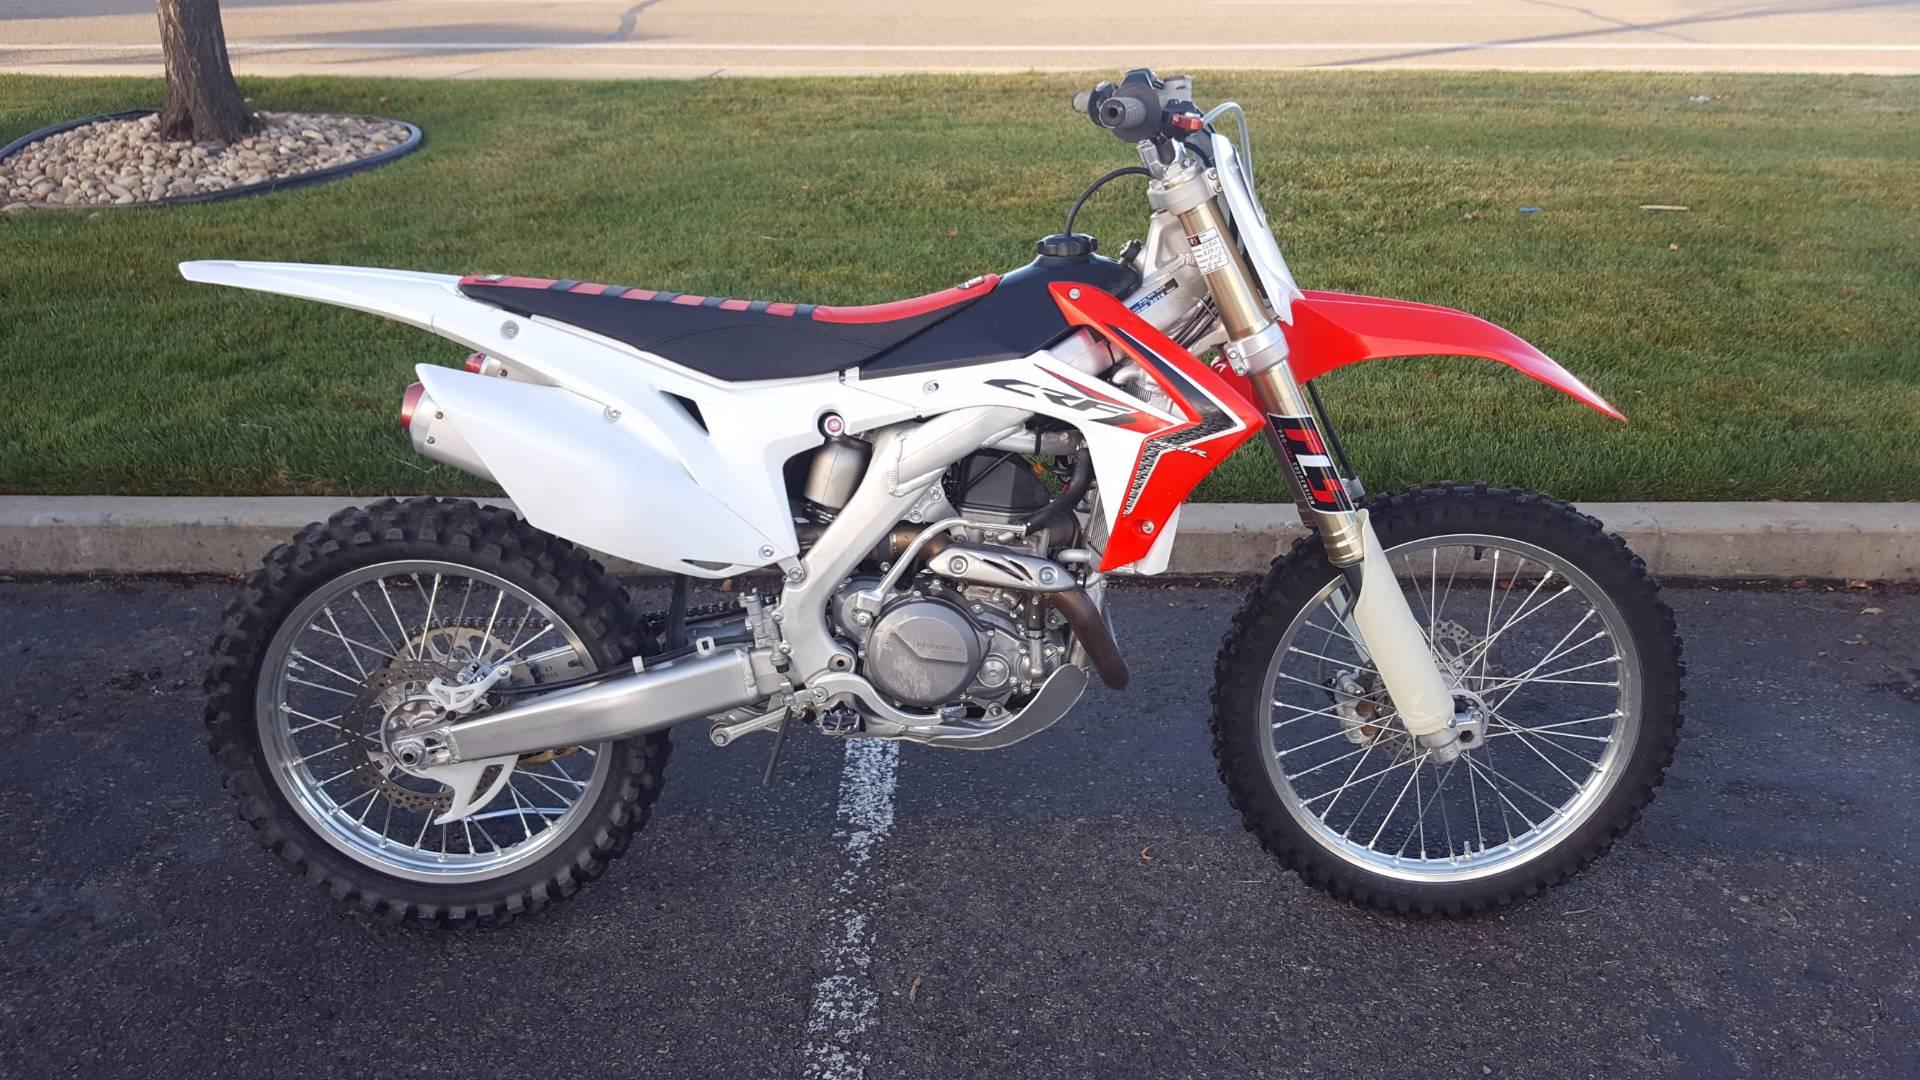 2014 CRF450R